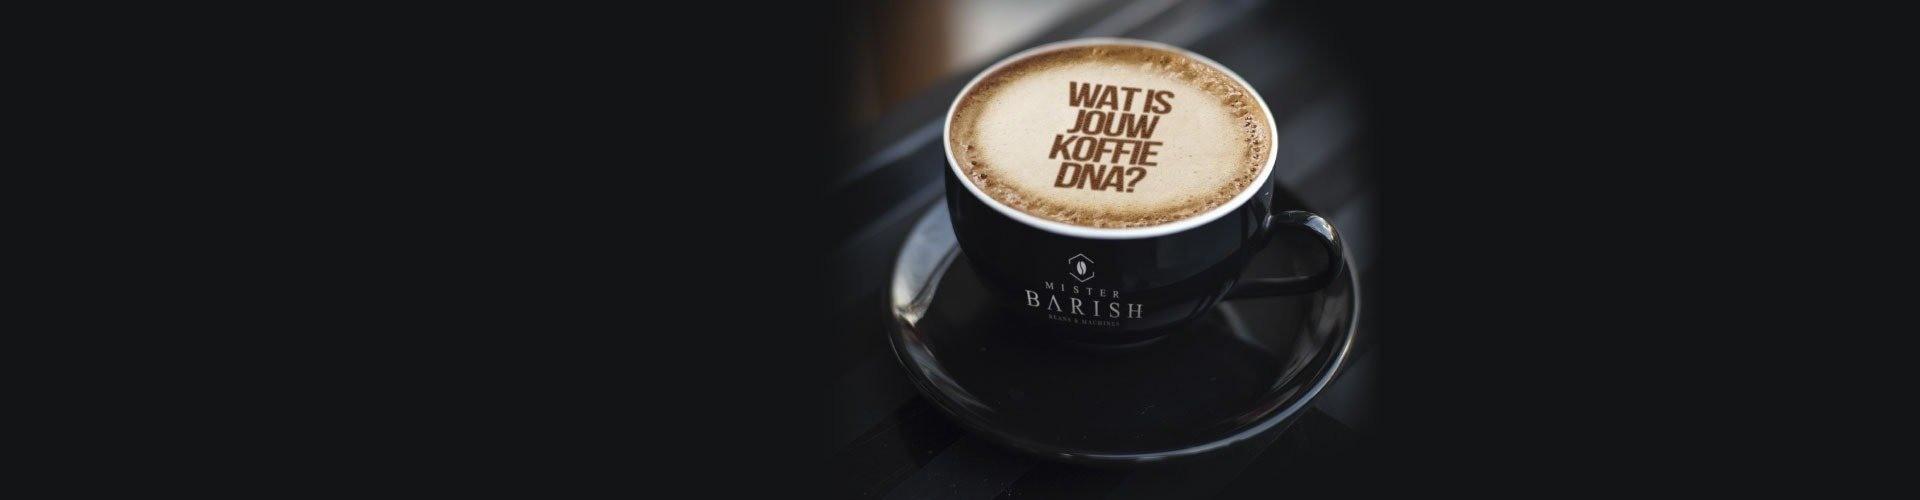 Koffie DNA voor op het werk met Mister Barish